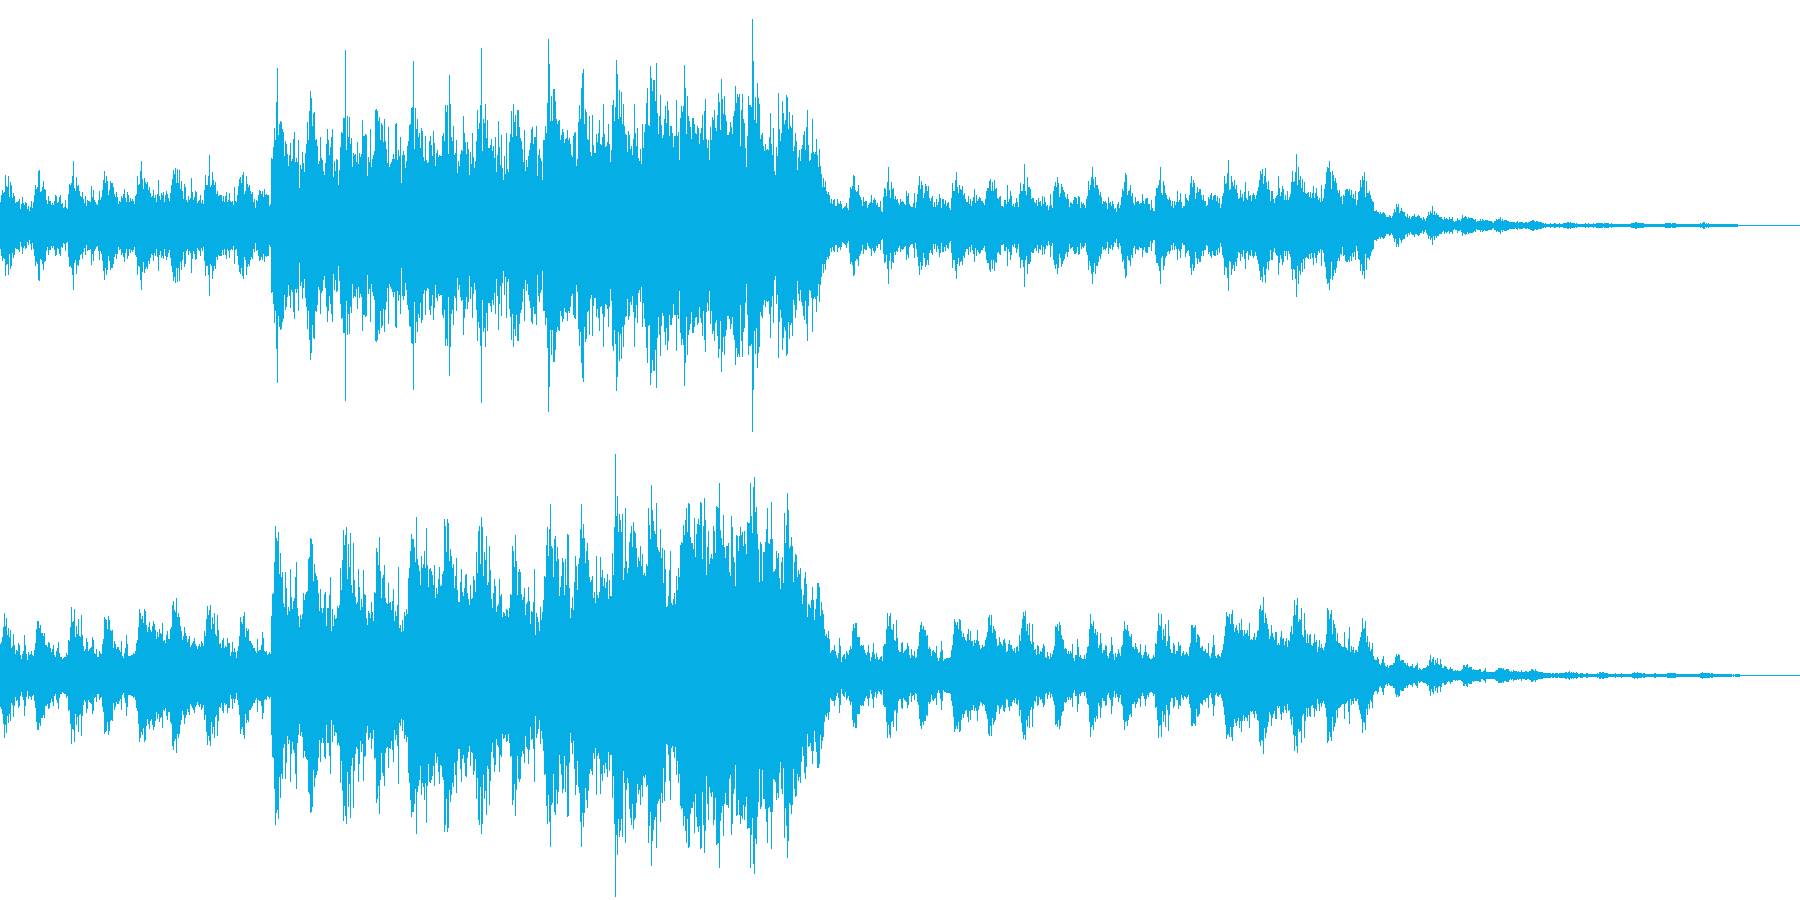 緊迫した雰囲気のあるBGMの再生済みの波形